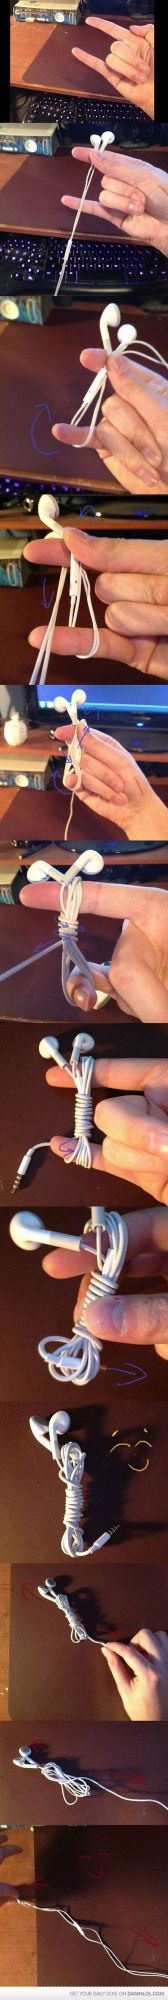 Die besten 100 Bilder in der Kategorie clever: iPhone Kopfhörer aufwickeln ohne Knoten